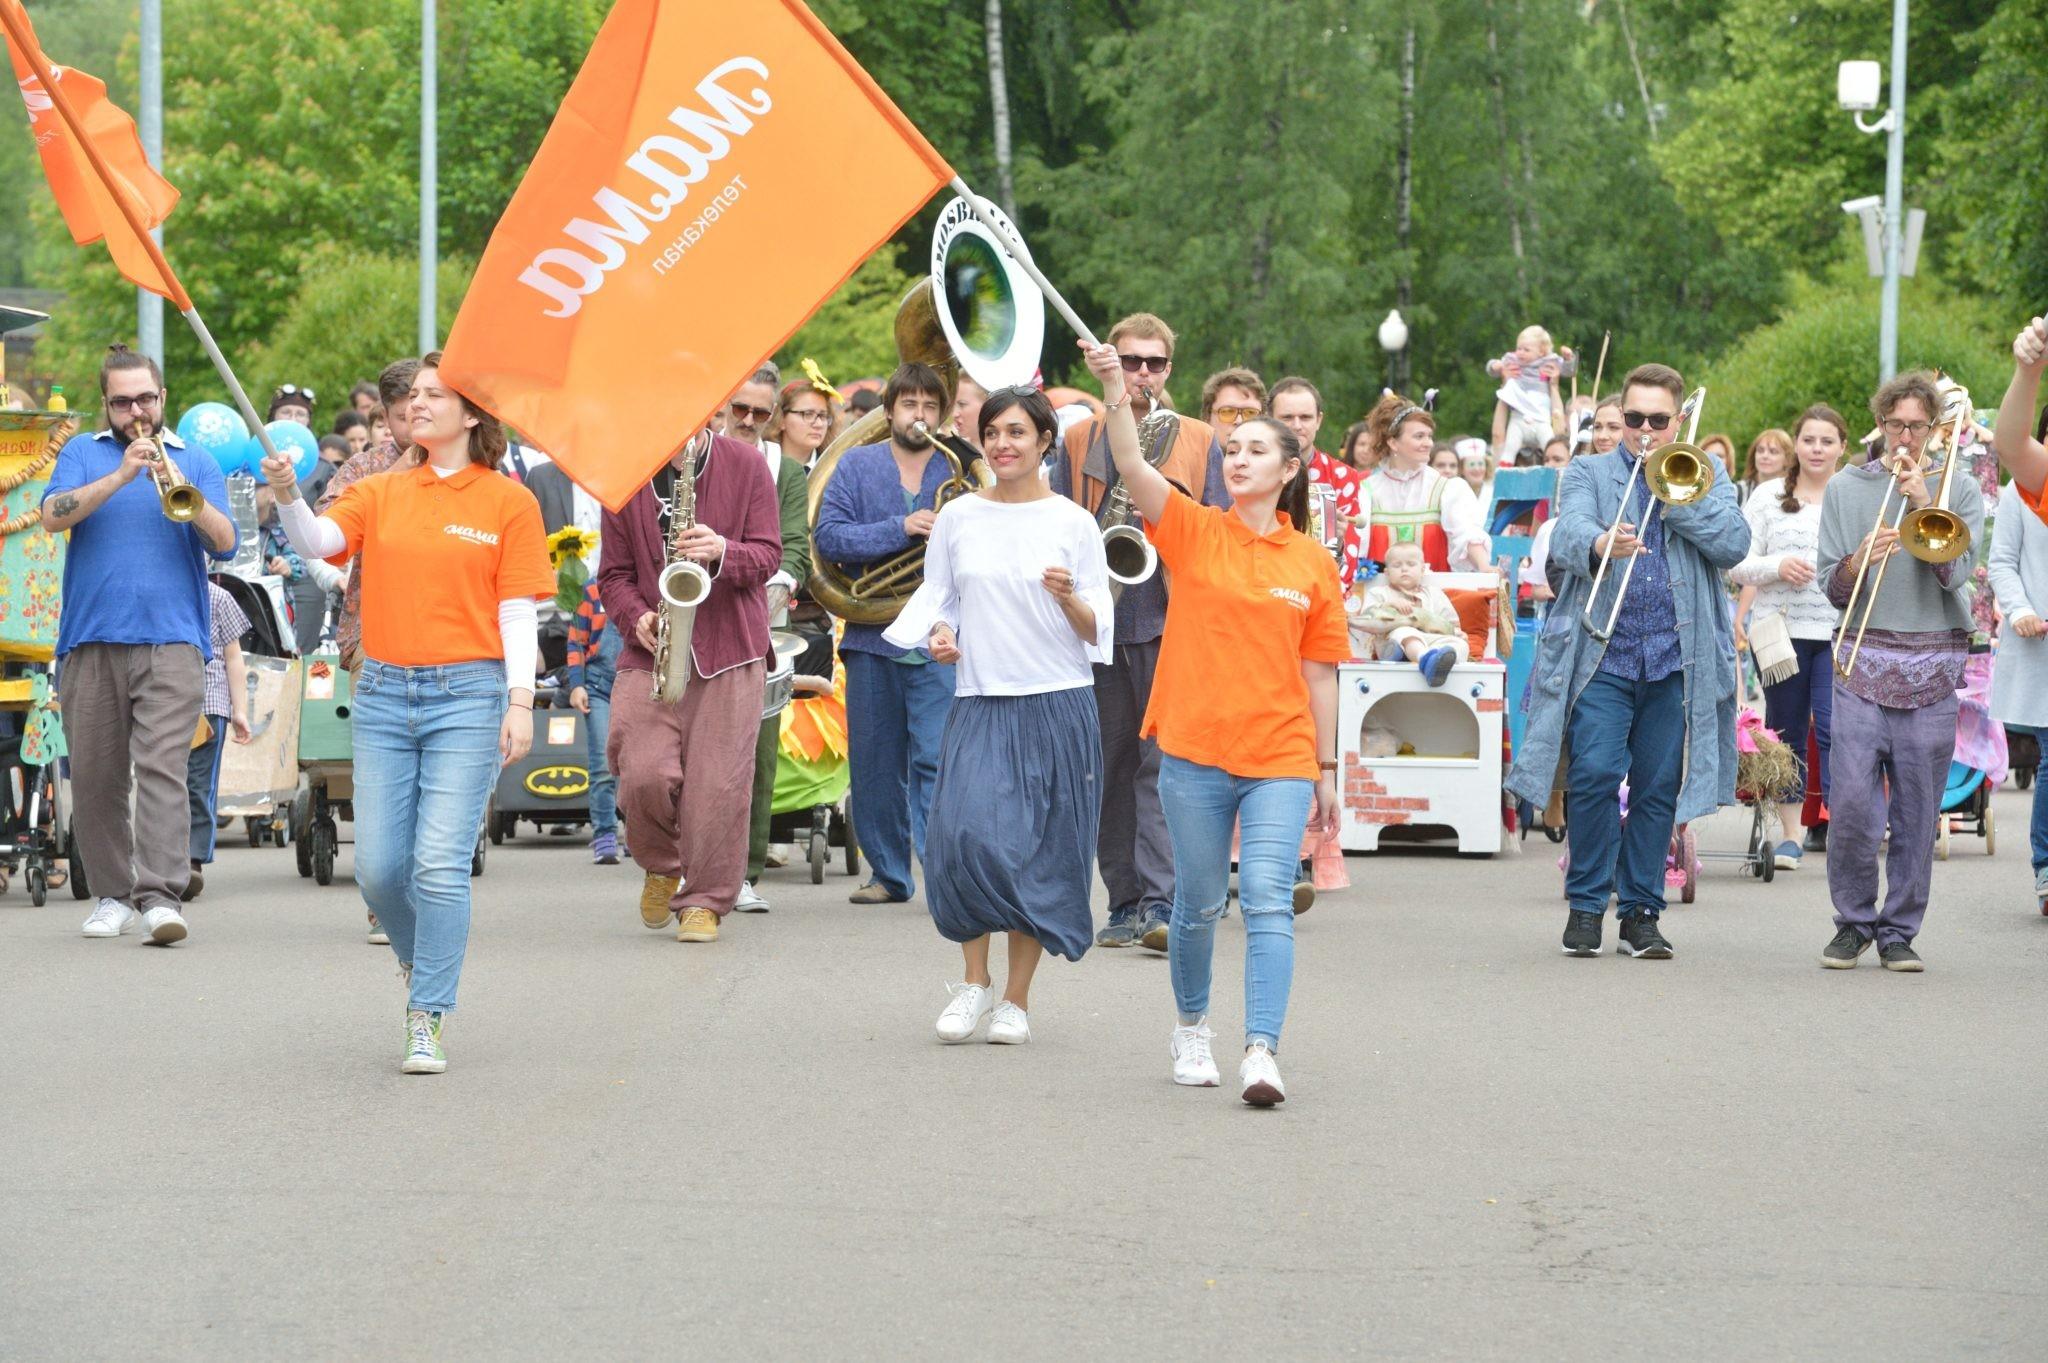 В Москве в Парке горького состоялся парад колясок